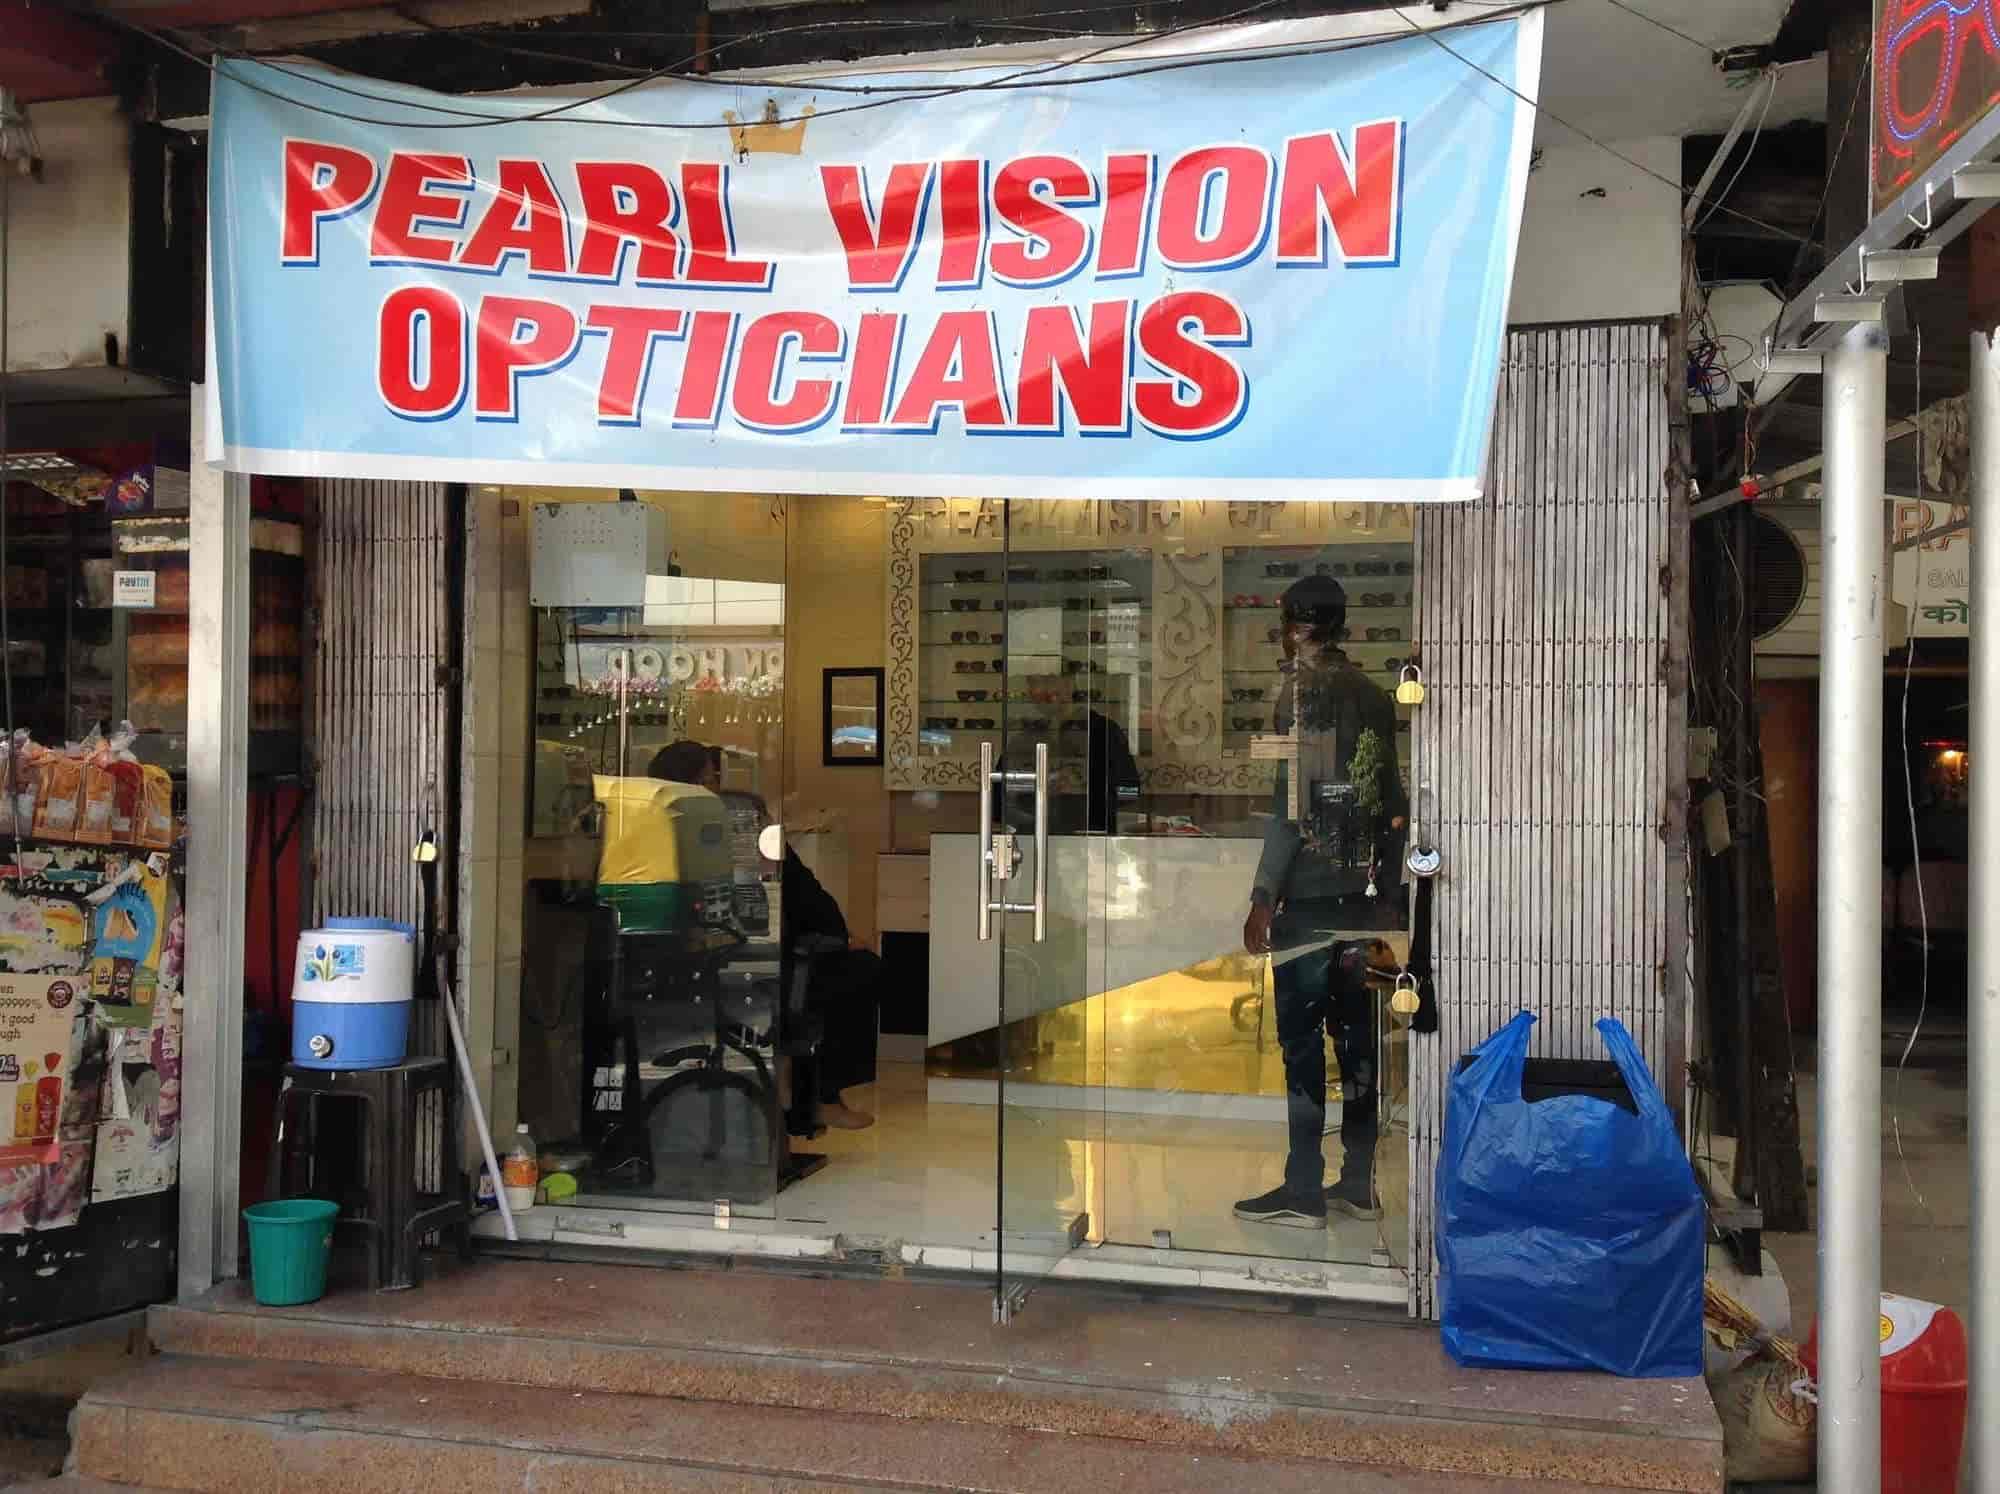 f1fbd1d2ef8 Pearl Vision Opticians